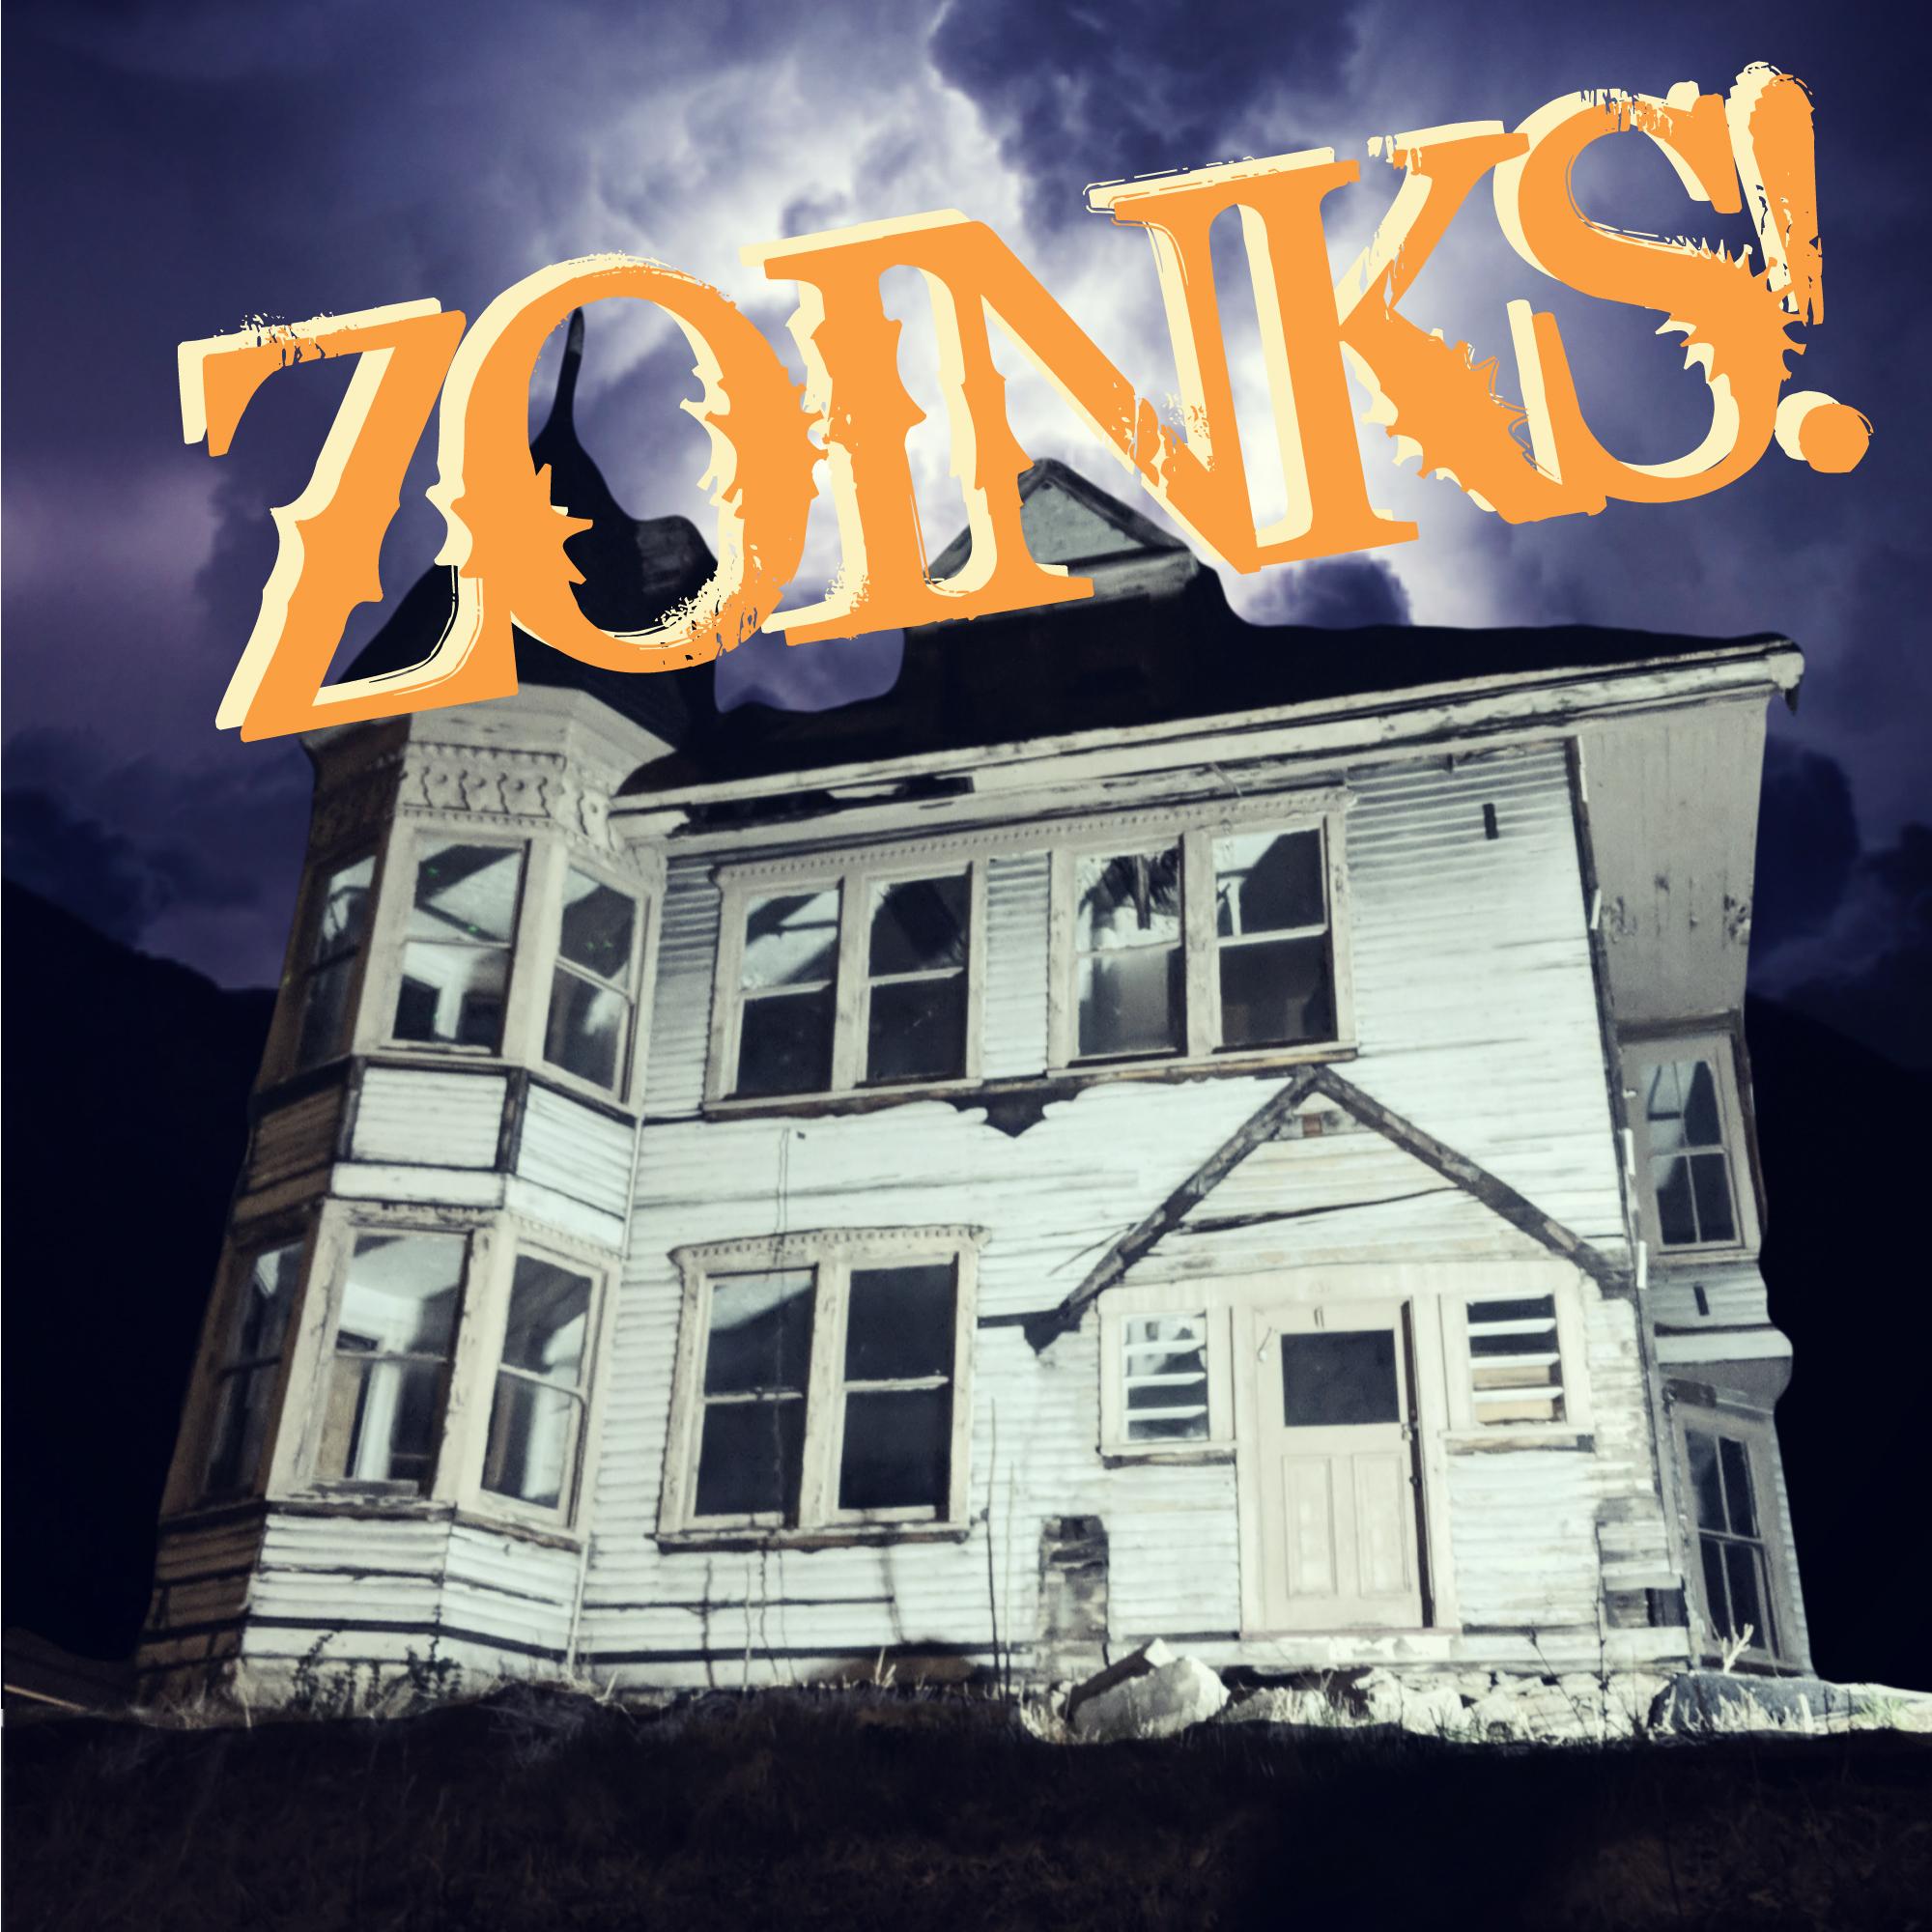 Zoinks square.jpg